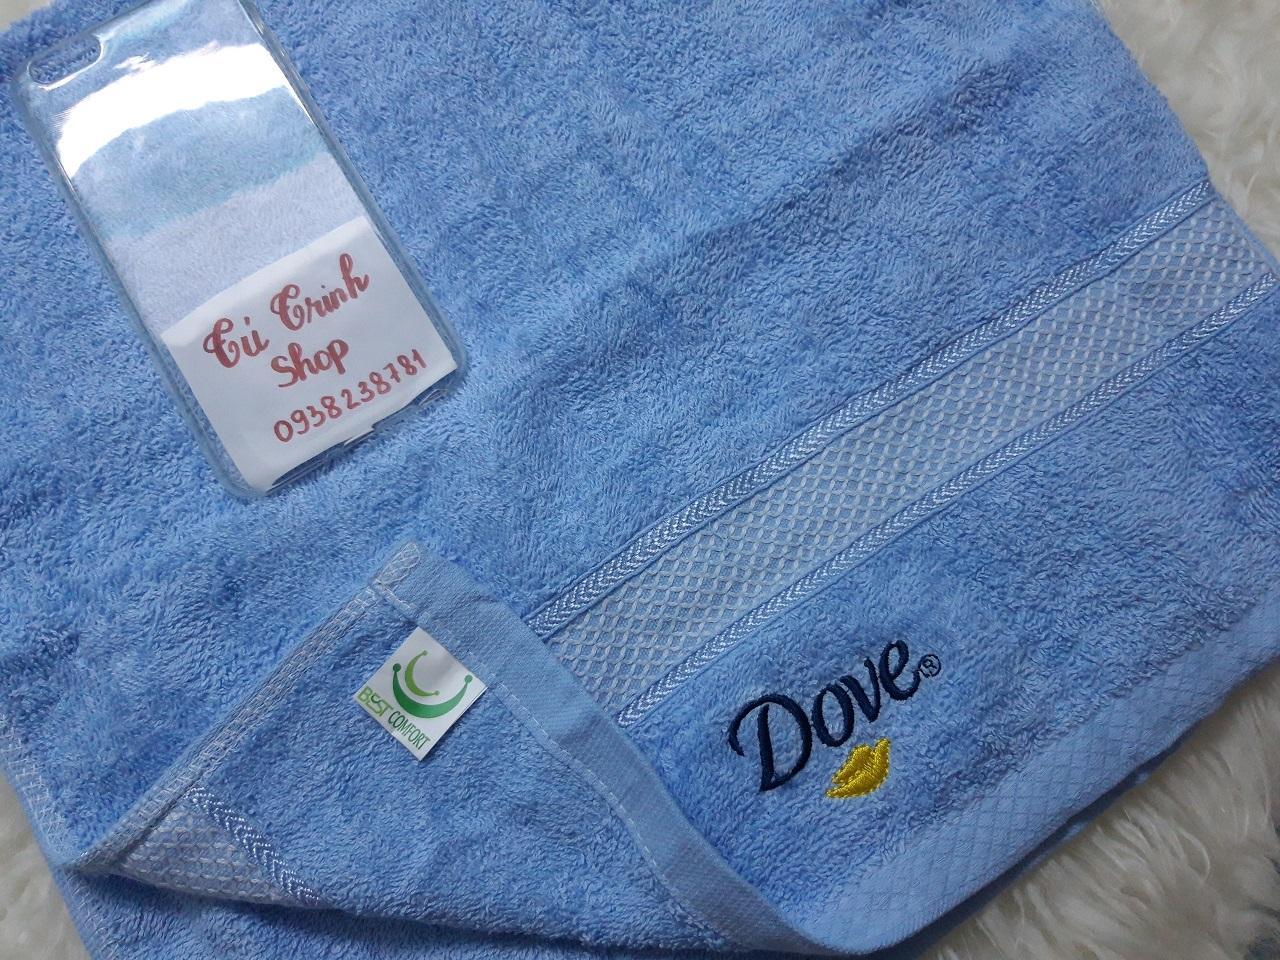 (HÀNG KHUYẾN MÃI ) Combo 2 Khăn Tắm Dove  ( Kích thước 40*80cm ) chính hãng